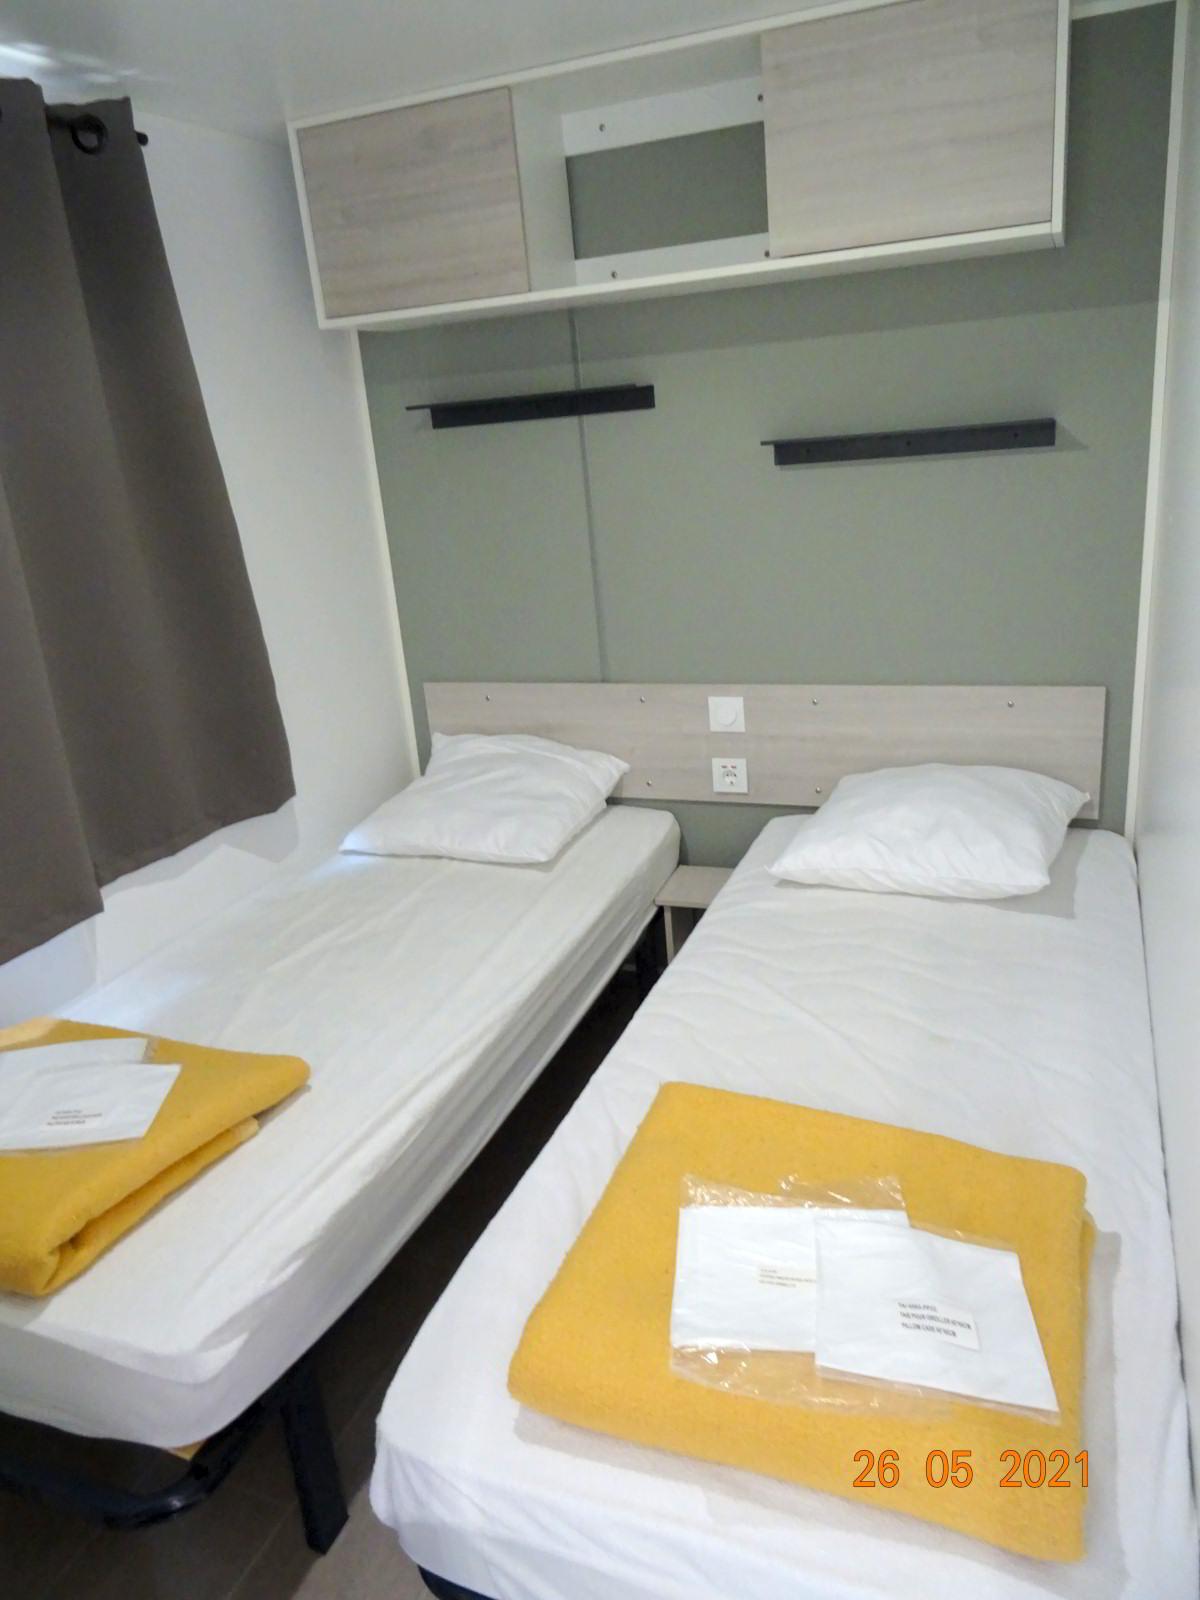 2-Bett-Zimmer, neues 2-Schlafzimmer-Mobilheim